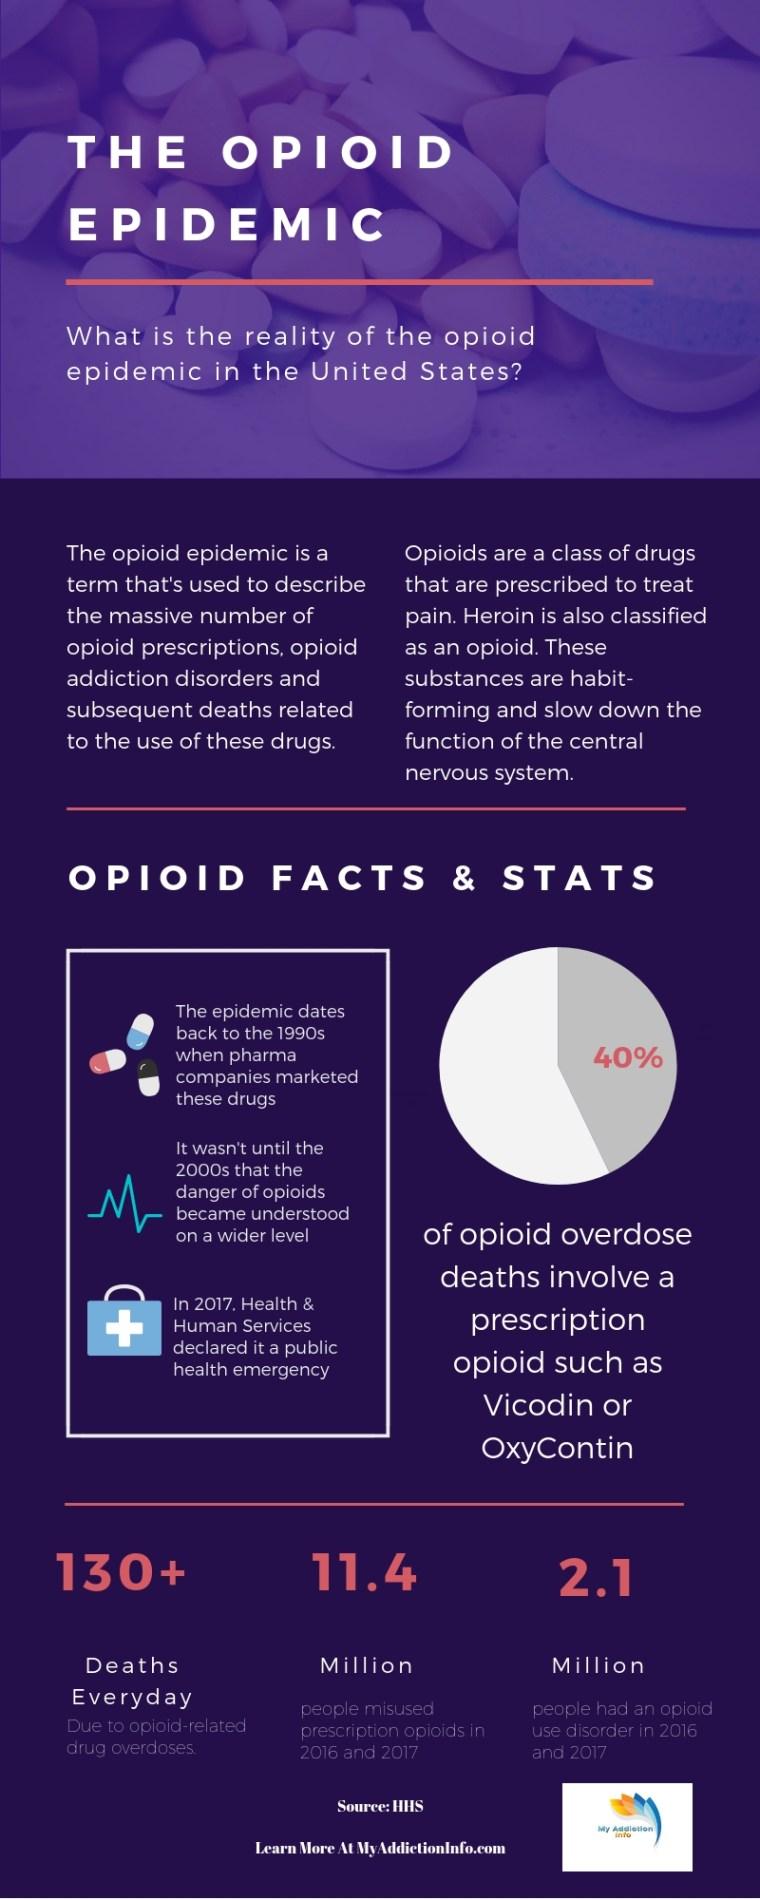 opioid epidemic, the opioid epidemic, opioids, prescription drug epidemic